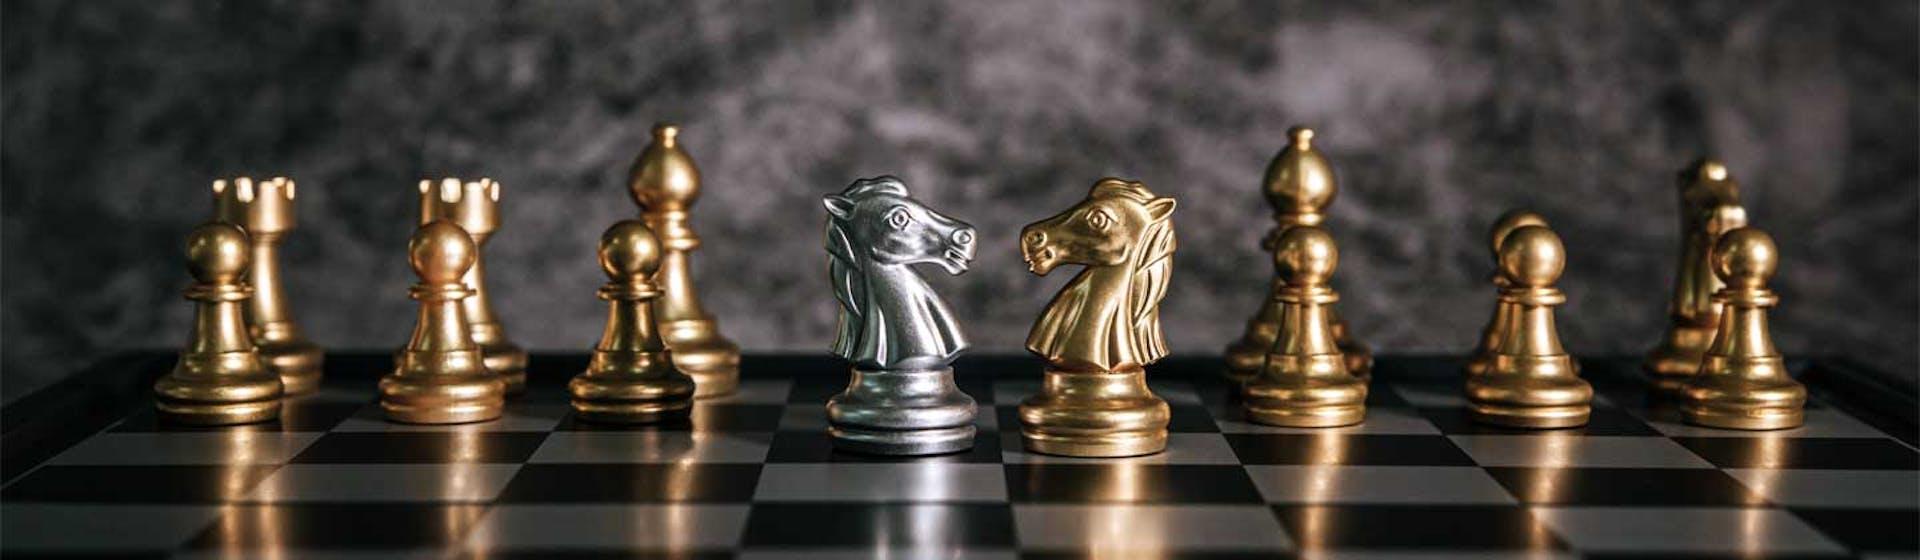 El caballo de ajedrez: ¿qué representa y cómo moverlo en tu tablero de ajedrez?